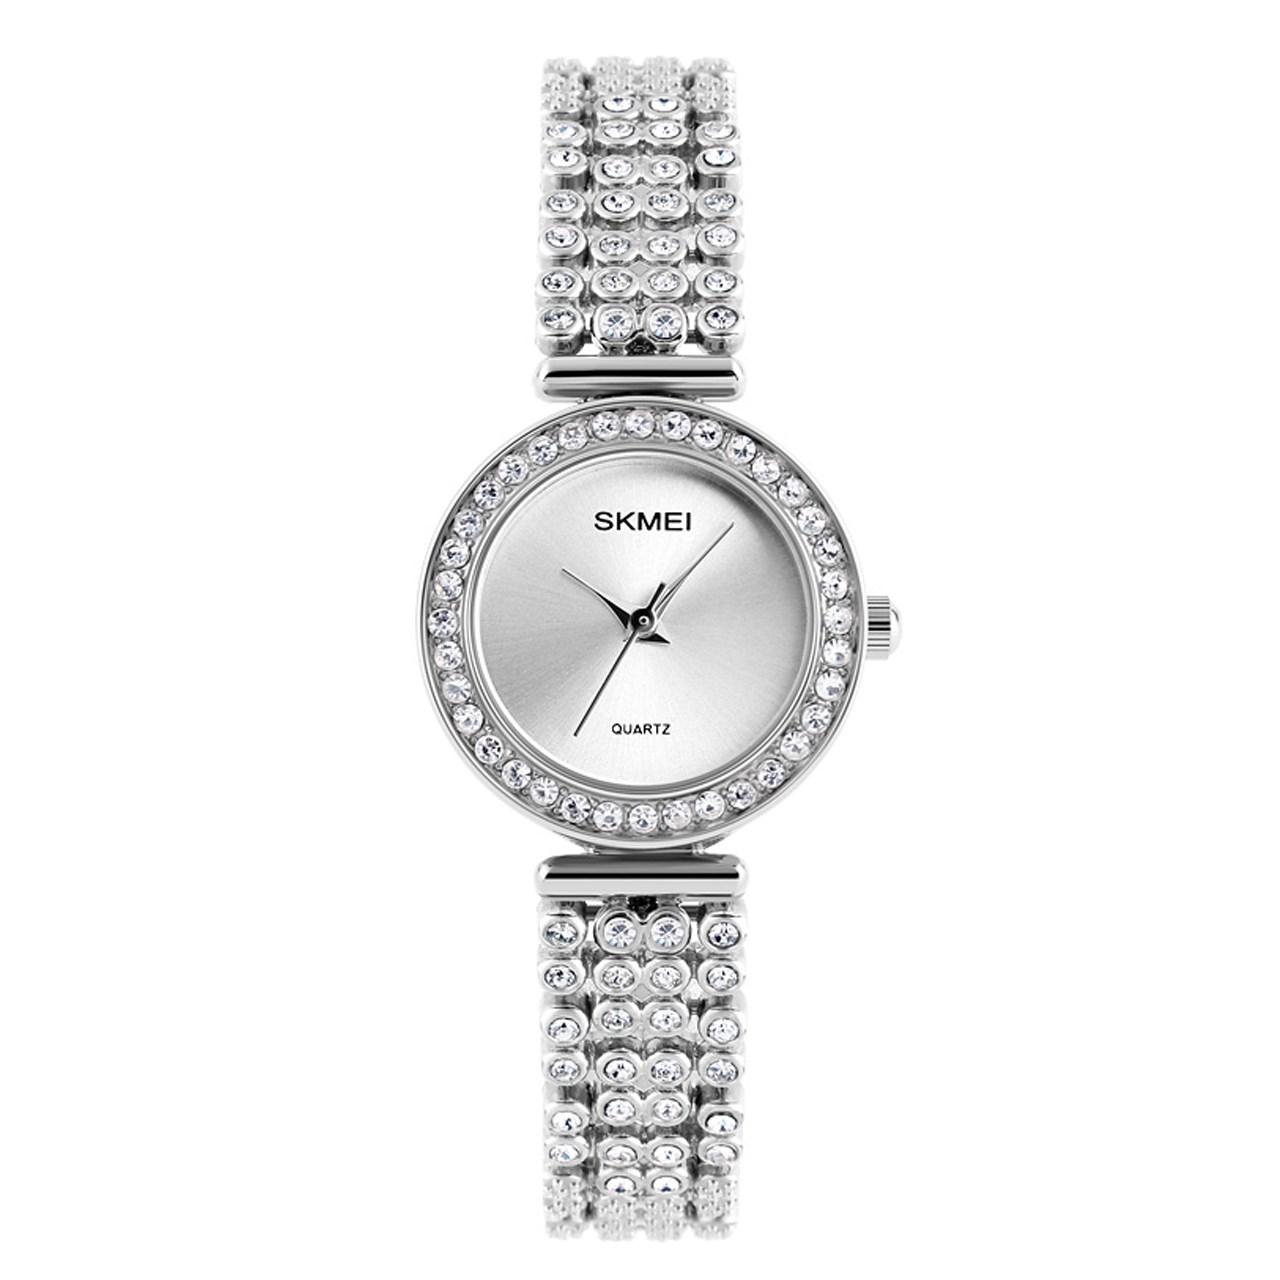 ساعت مچی عقربه ای زنانه اسکمی مدل 1224 نقره ای 11